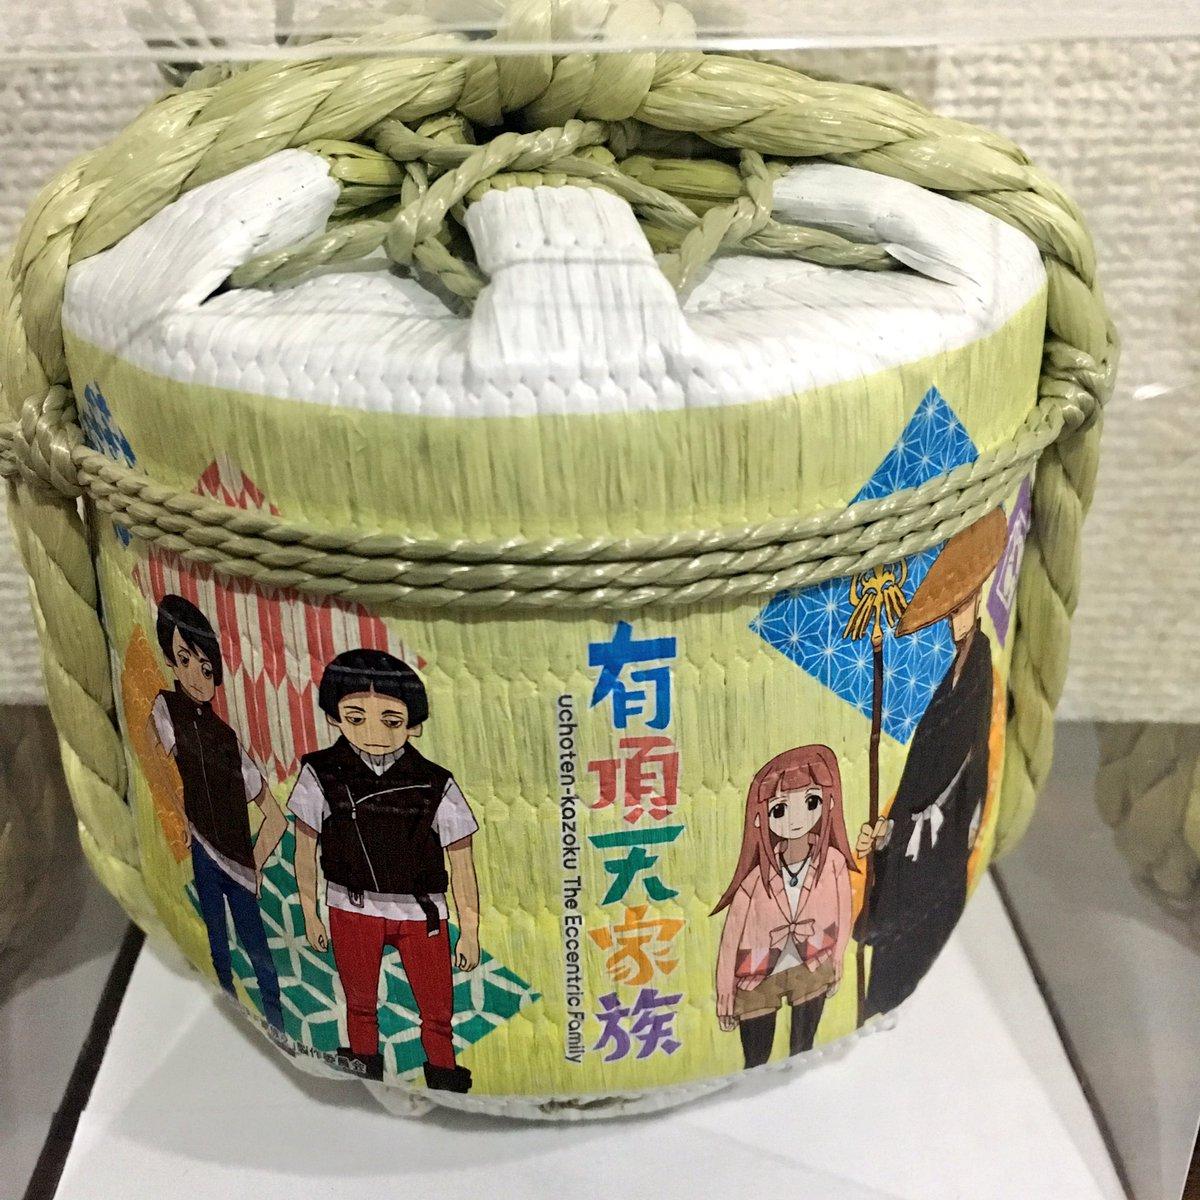 AJ2017の戦利品夷川樽酒(柚子酒)¥3500金閣 銀閣 缶バッジ(選べました)各¥400お酒は飲めないのですが夷川家